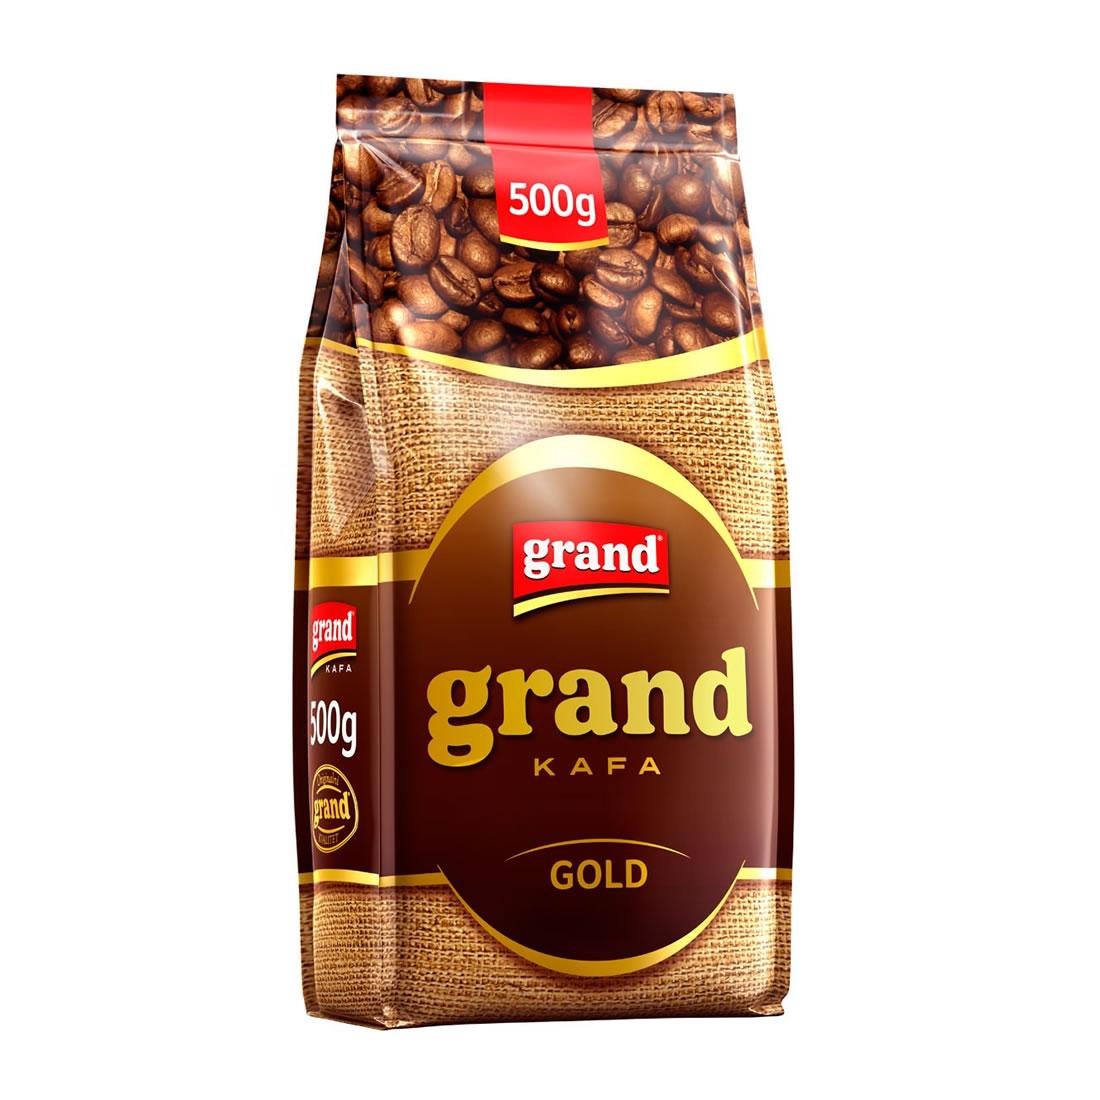 Kafa Grand Gold 500g